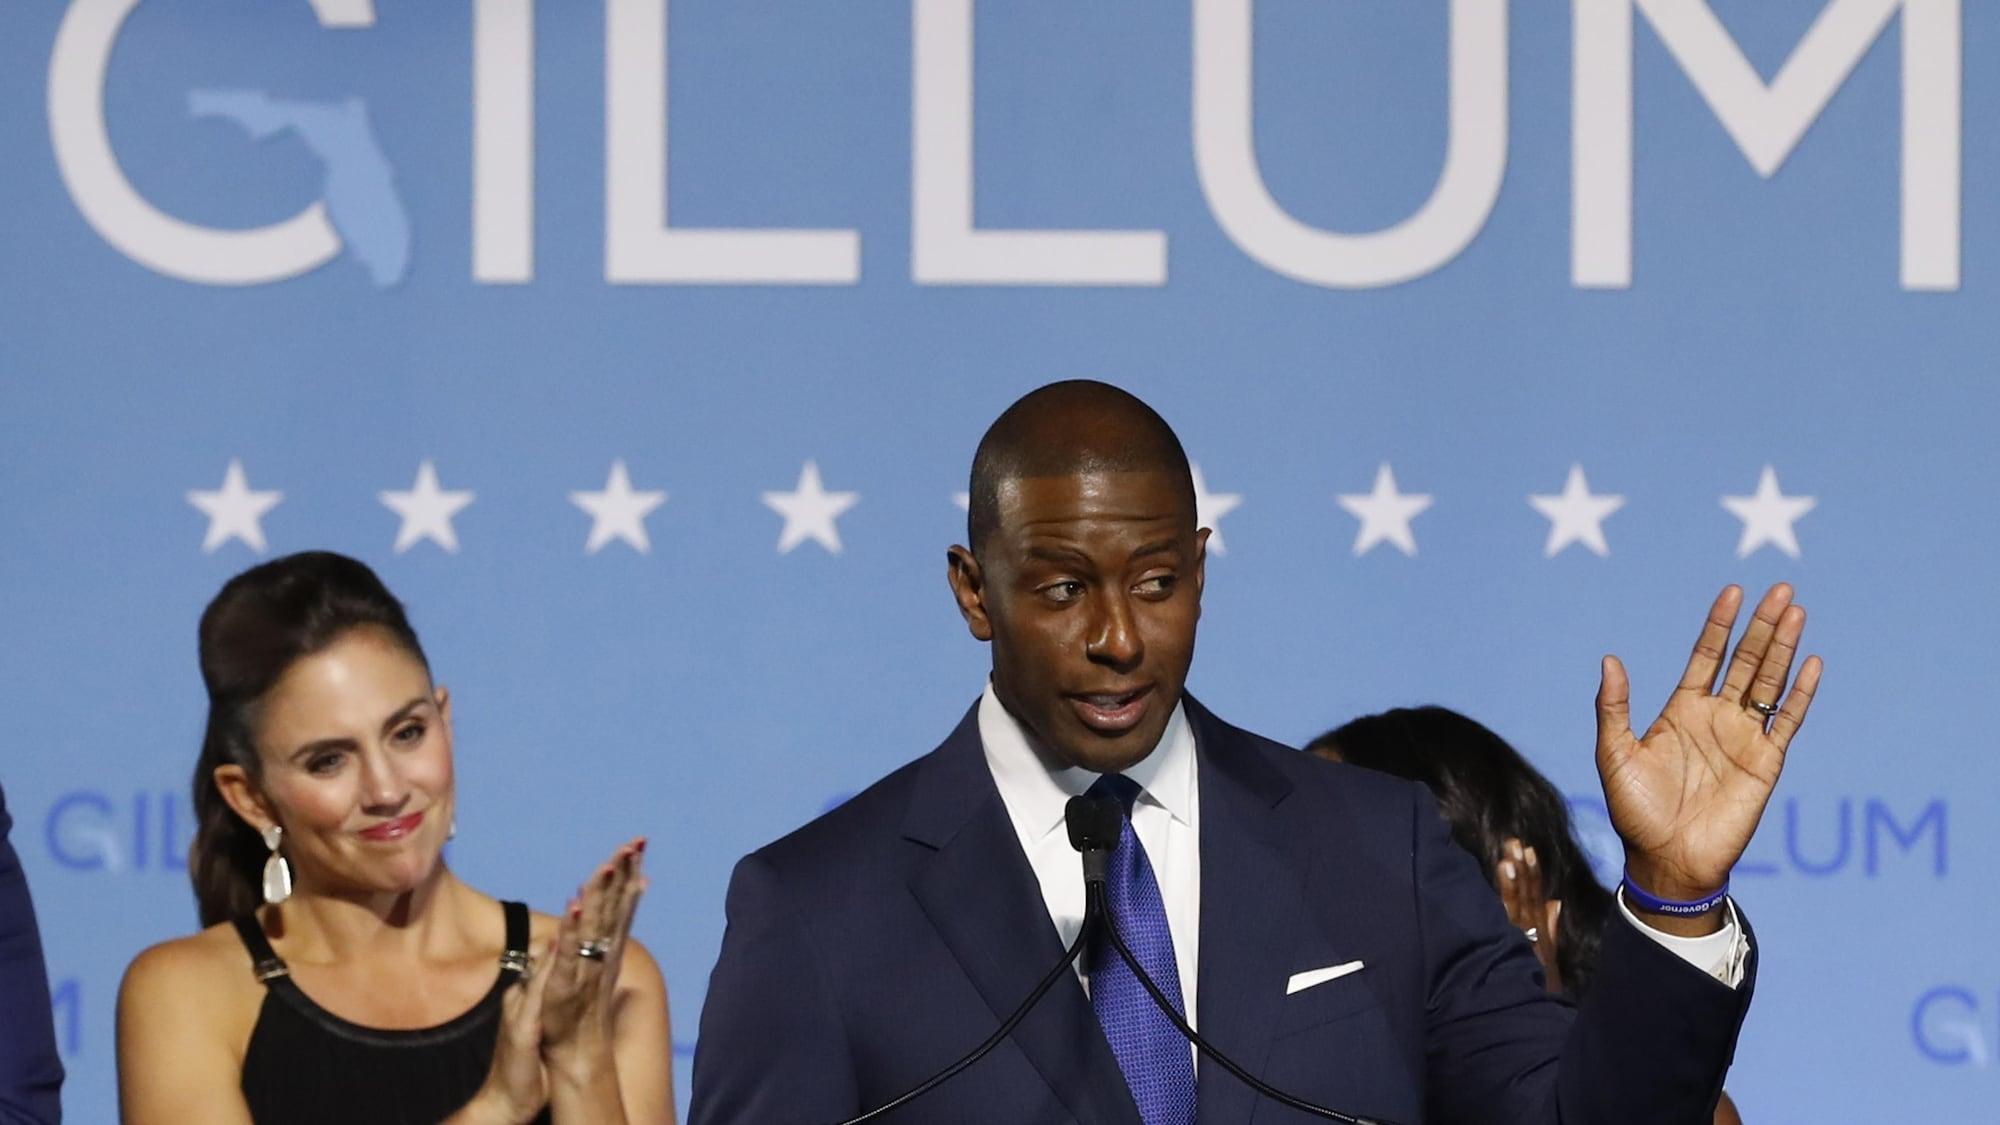 L'homme noir en costume bleu salue la foule de la main gauche. Derrière lui, une femme affiche un sourire contrit.